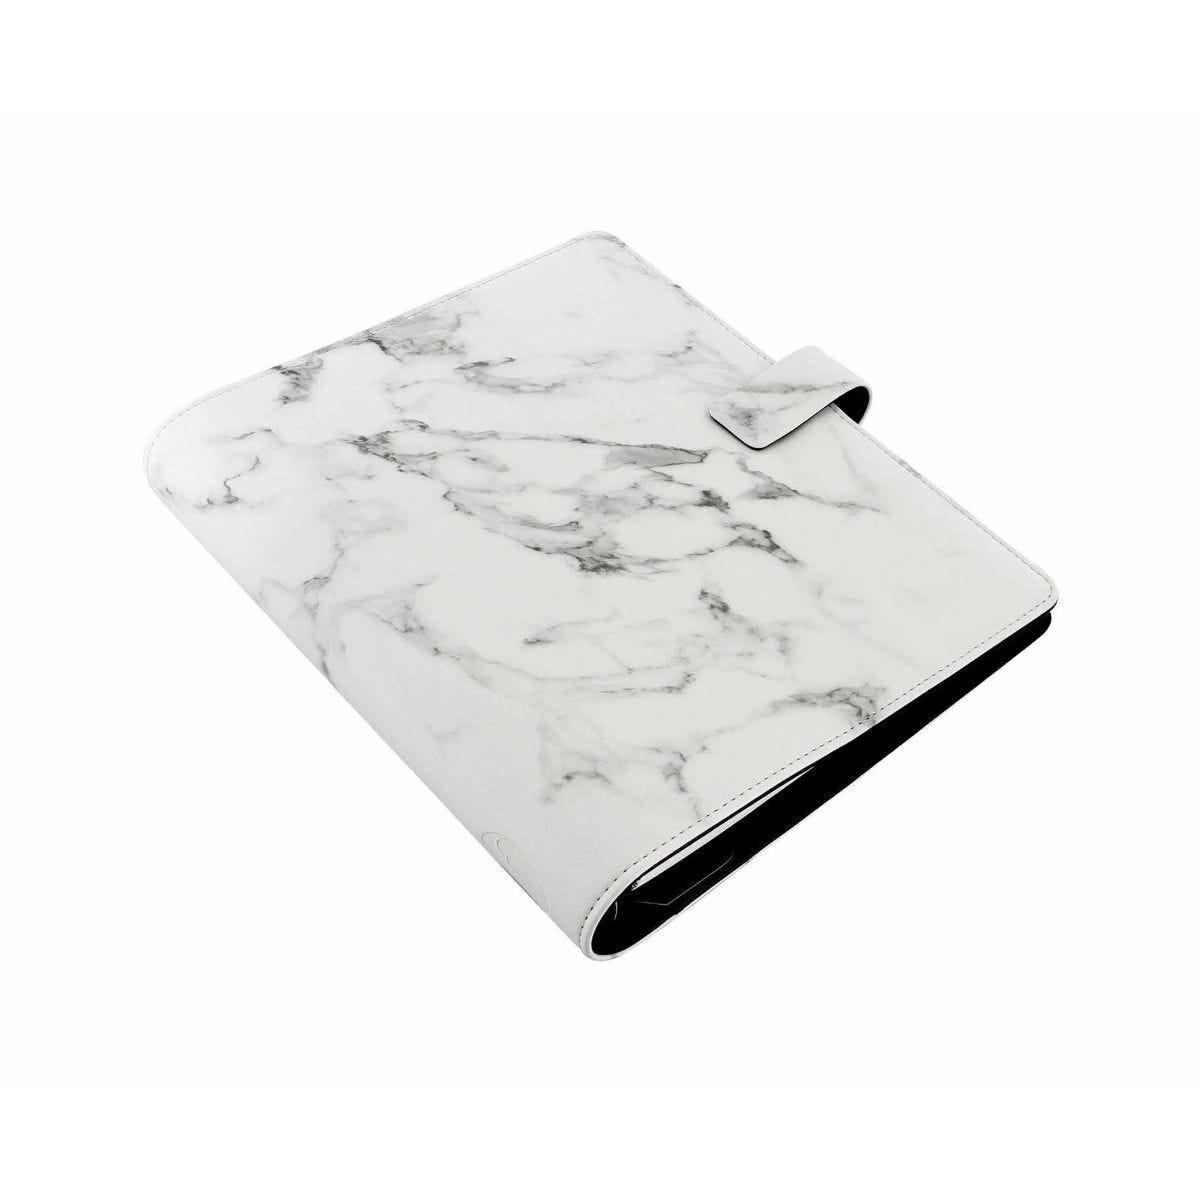 Filofax Organiser A5 Marble